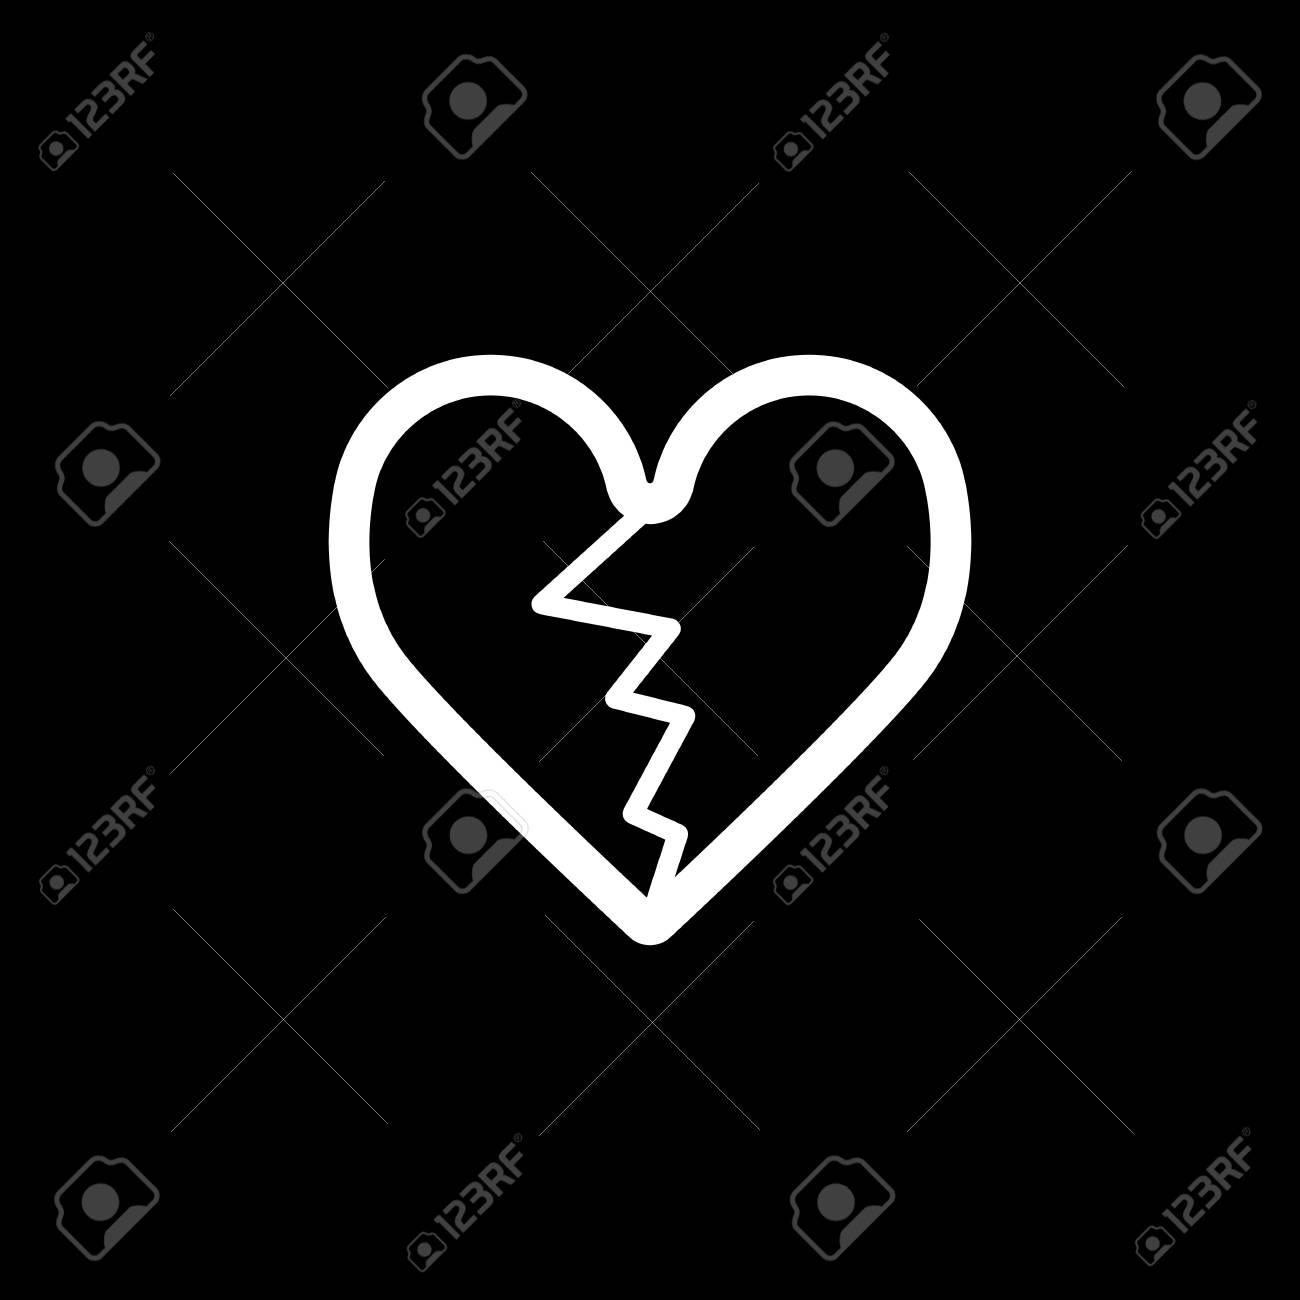 Icono De Vector De Corazón Agrietado Ilustración De Amor Blanco Y